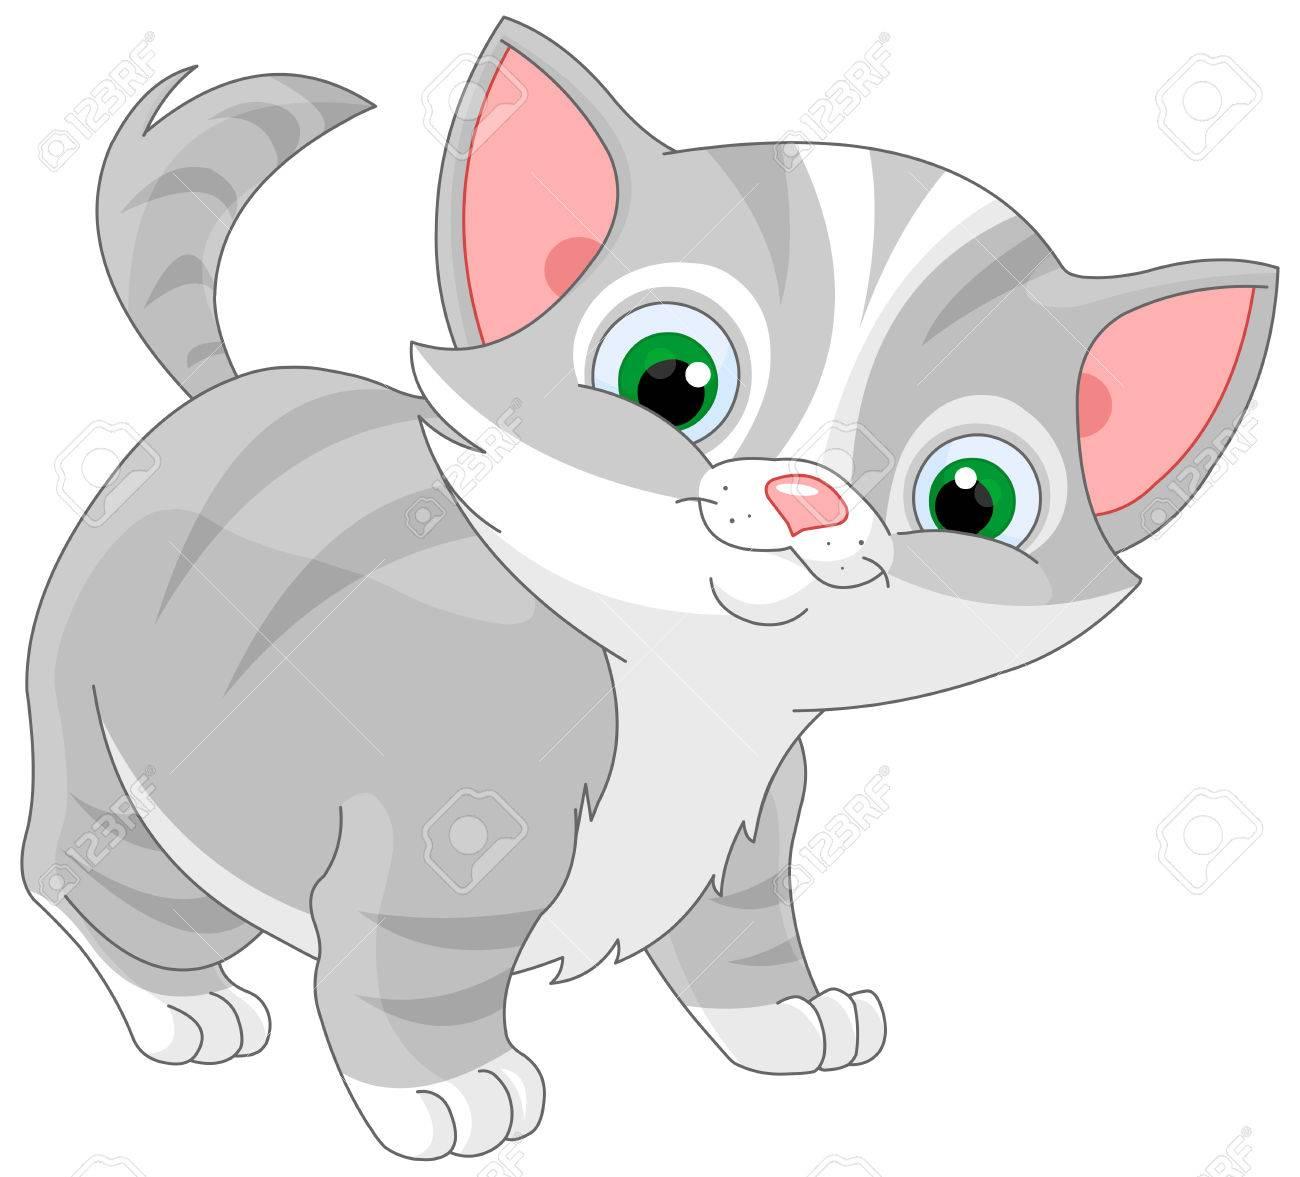 縞模様の子猫のイラストのイラスト素材 ベクタ Image 52186899